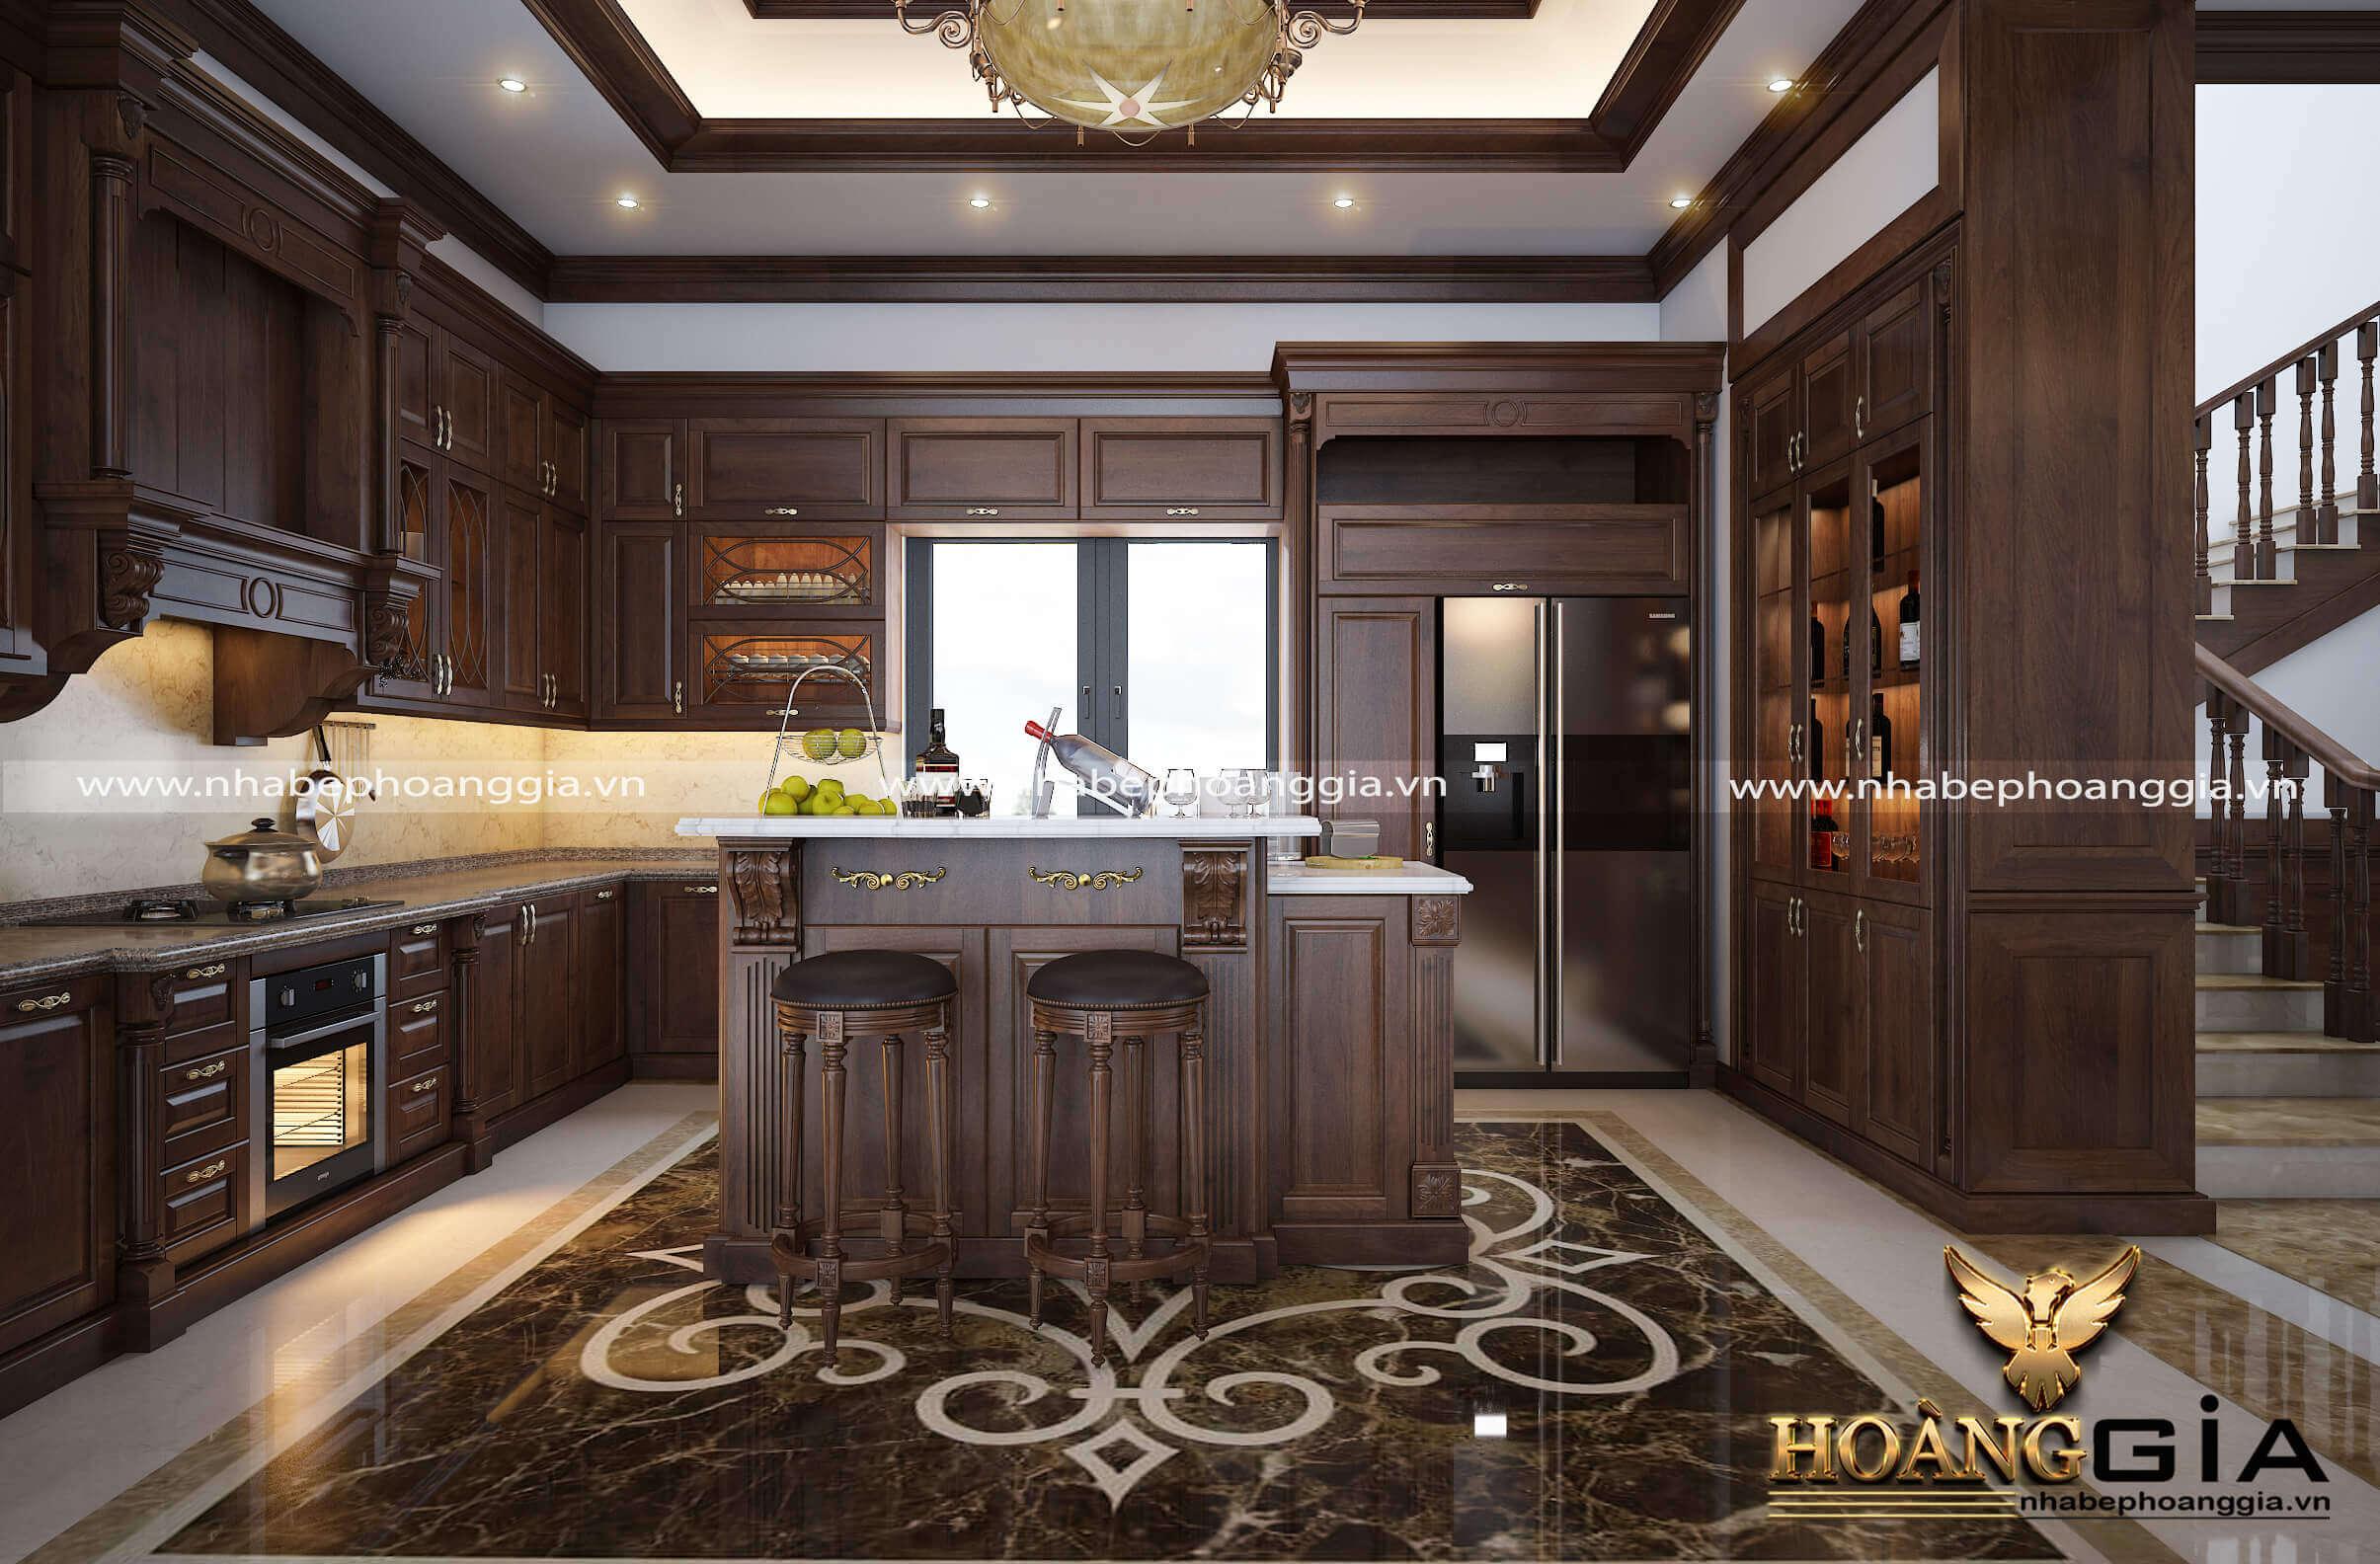 mẫu tủ bếp đẹp cho biệt thự